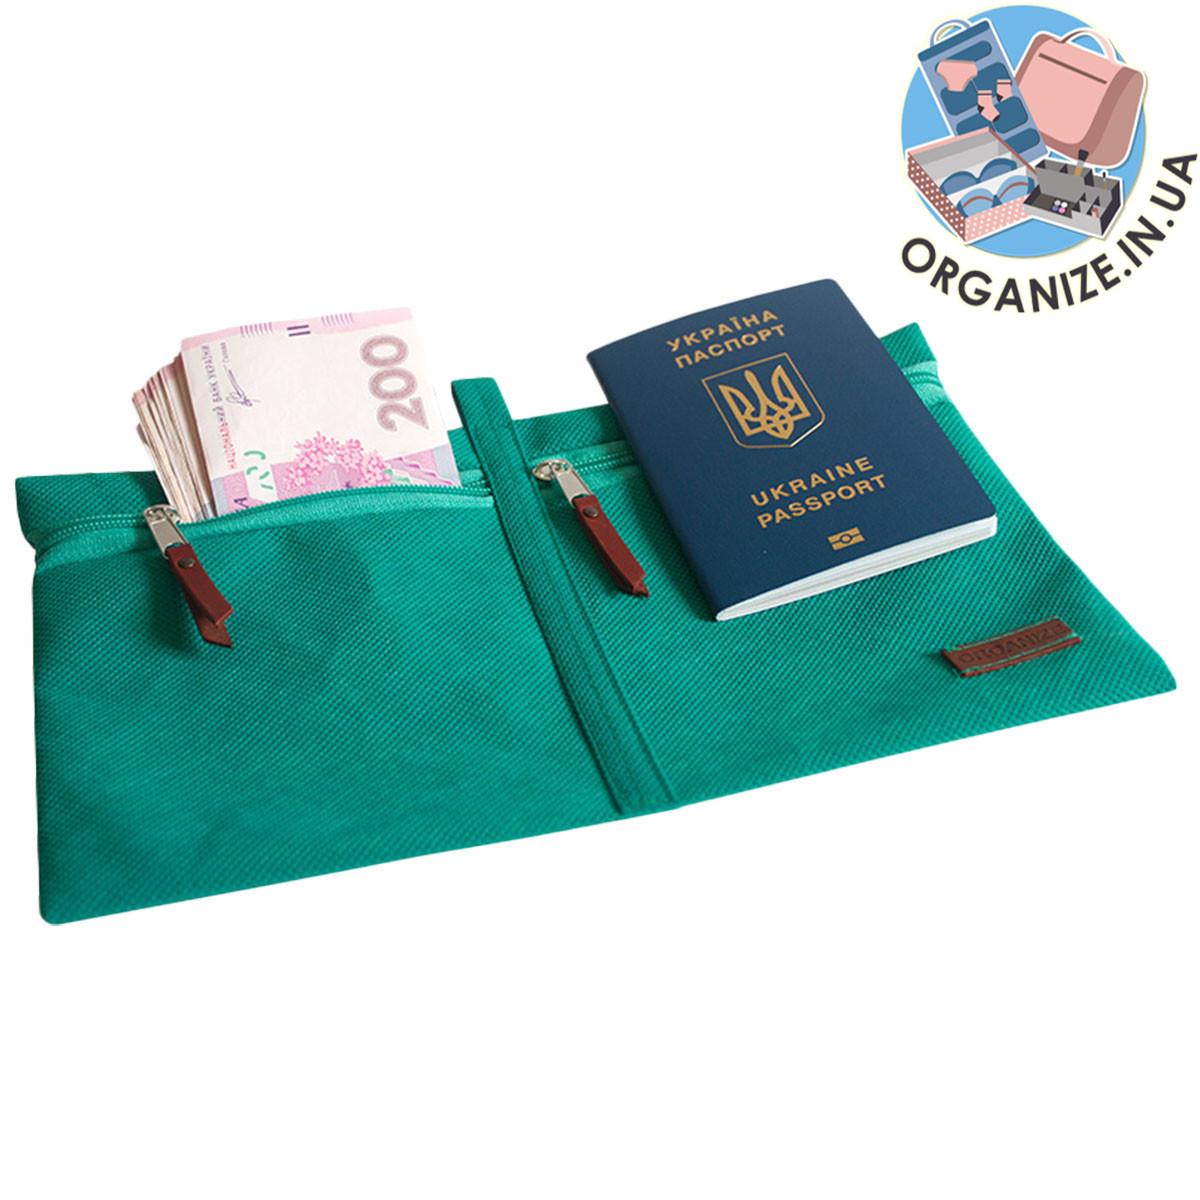 Органайзер для документов в путешествие ORGANIZE (лазурь)